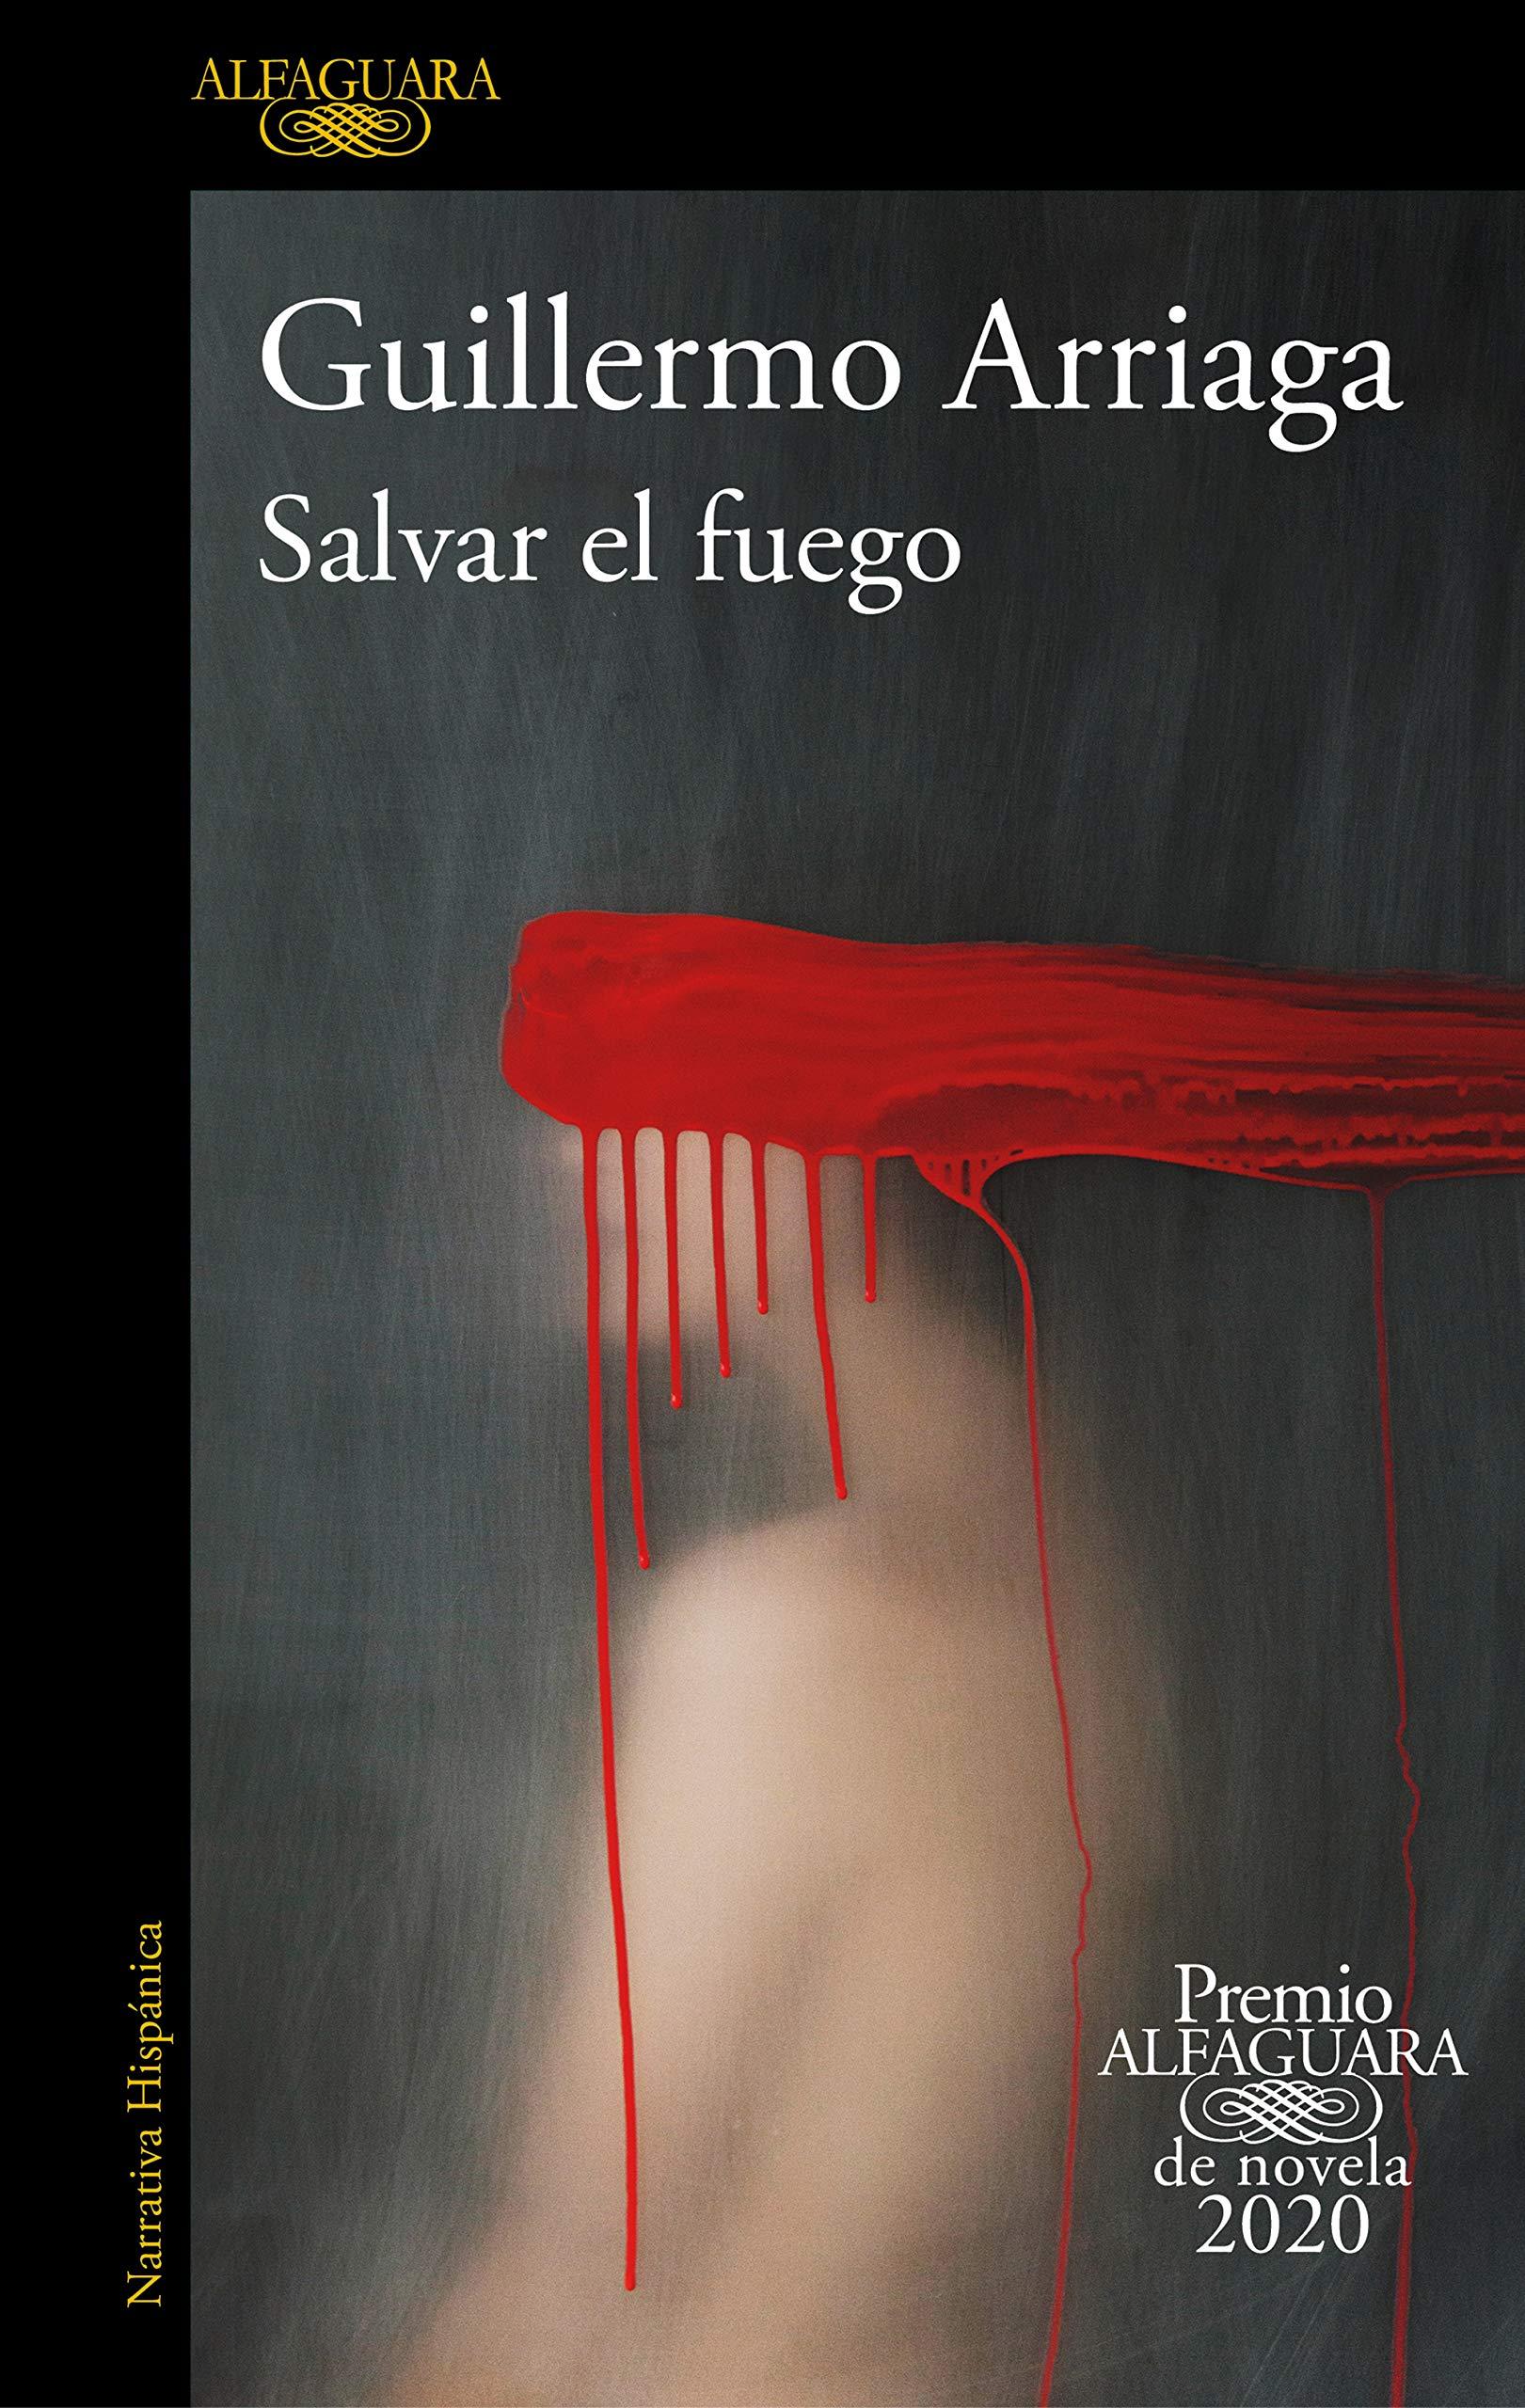 Salvar el fuego (Premio Alfaguara de novela): Amazon.es: Arriaga, Guillermo: Libros